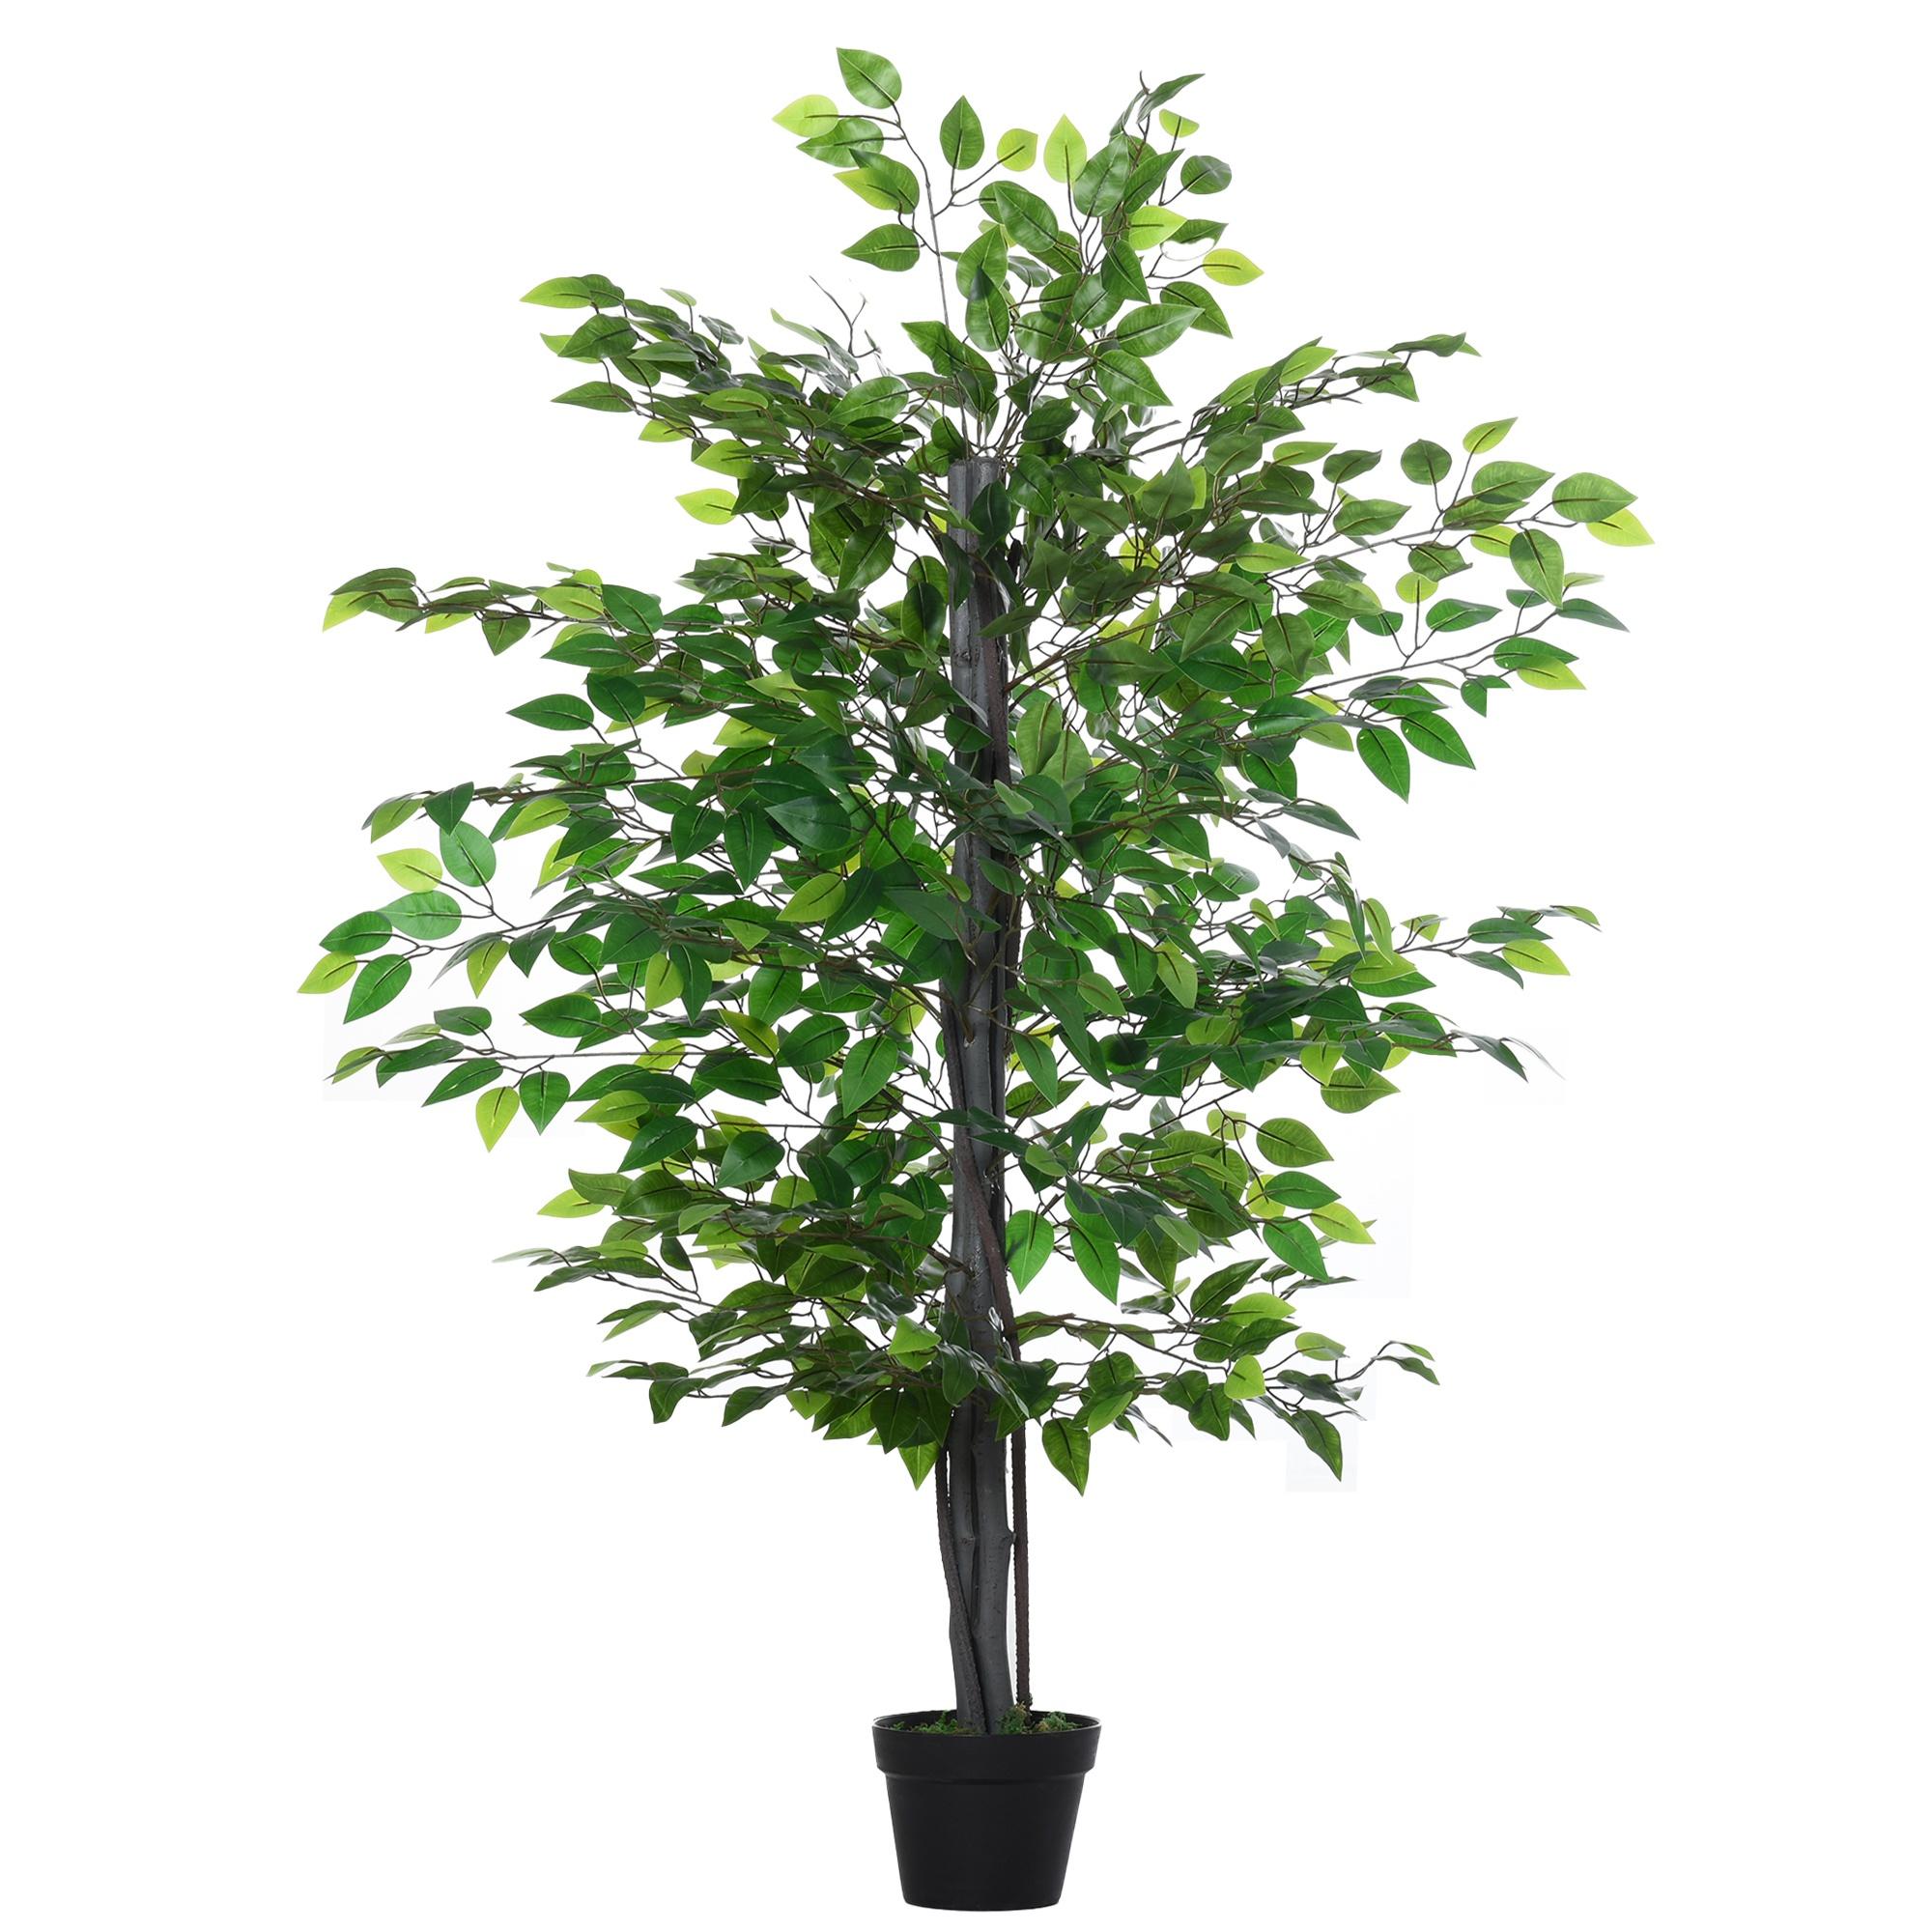 Outsunny Arbore Artificial de Banyan, Planta Artificiala pentru Interior si Exterior Inalta 145cm imagine aosom.ro